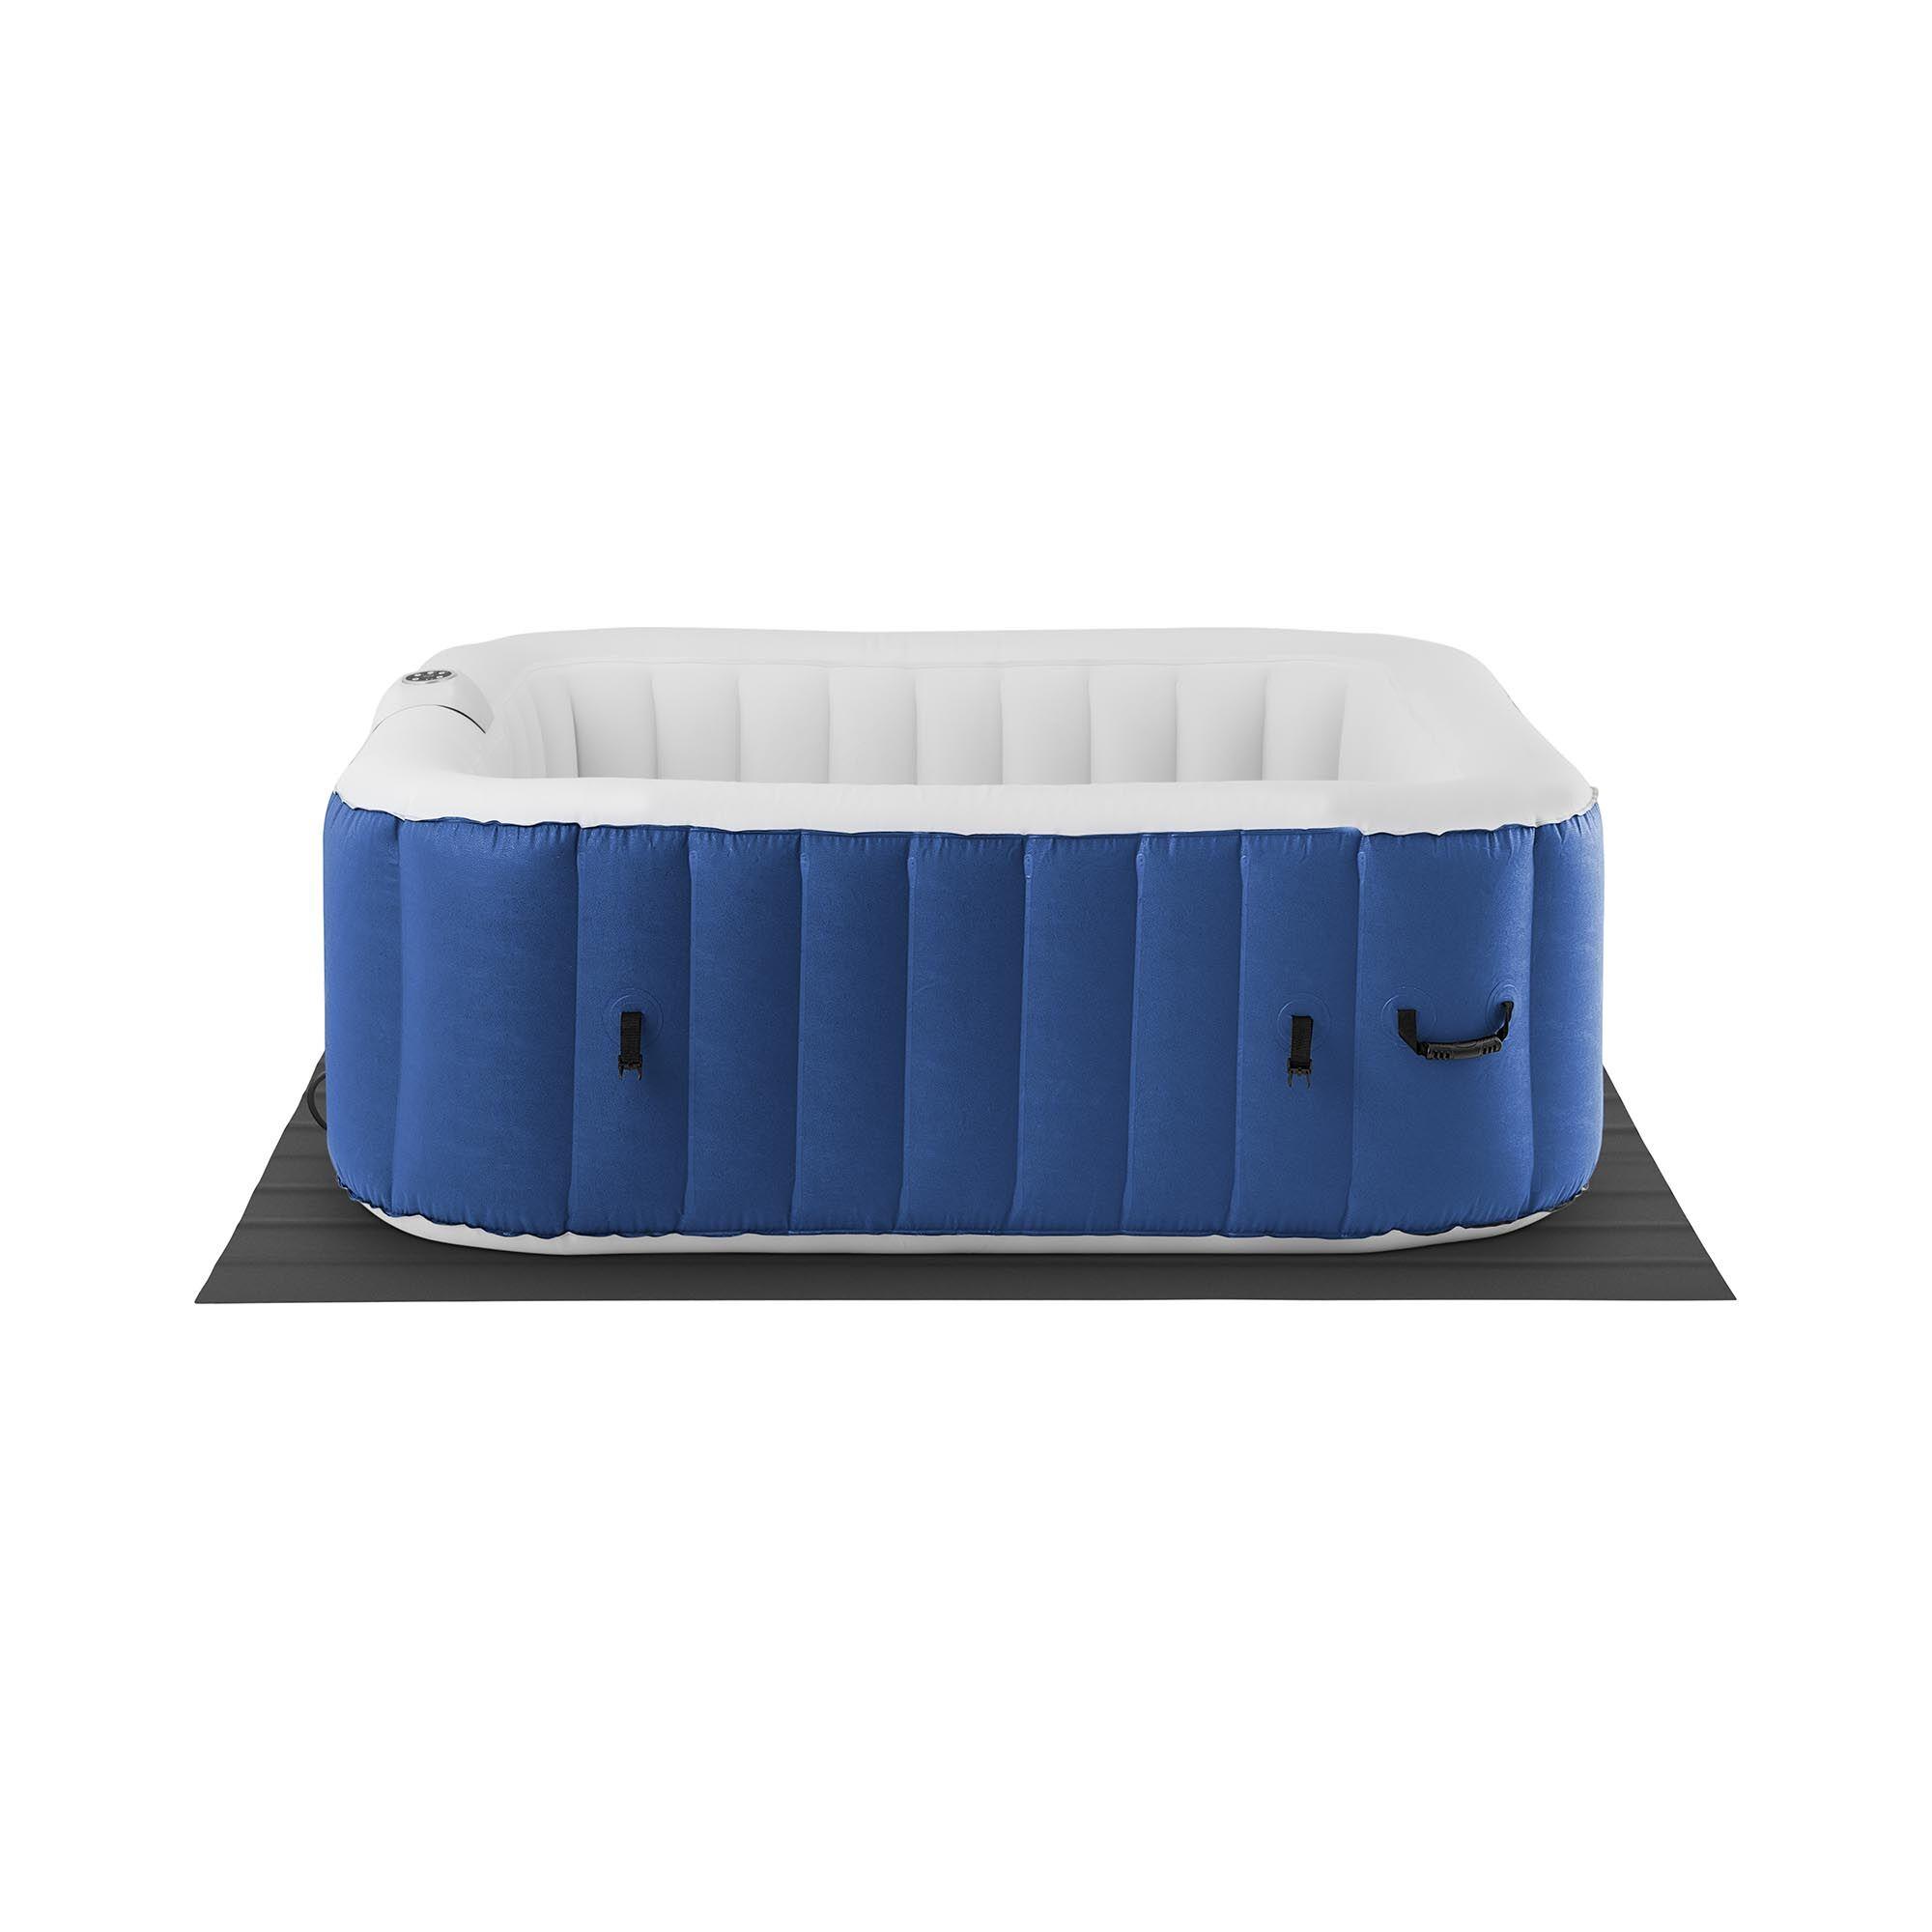 Uniprodo Idromassaggio gonfiabile - 900 l - 6 persone - 130 bocchette - Blu scuro/bianco UNI_POOLS_19